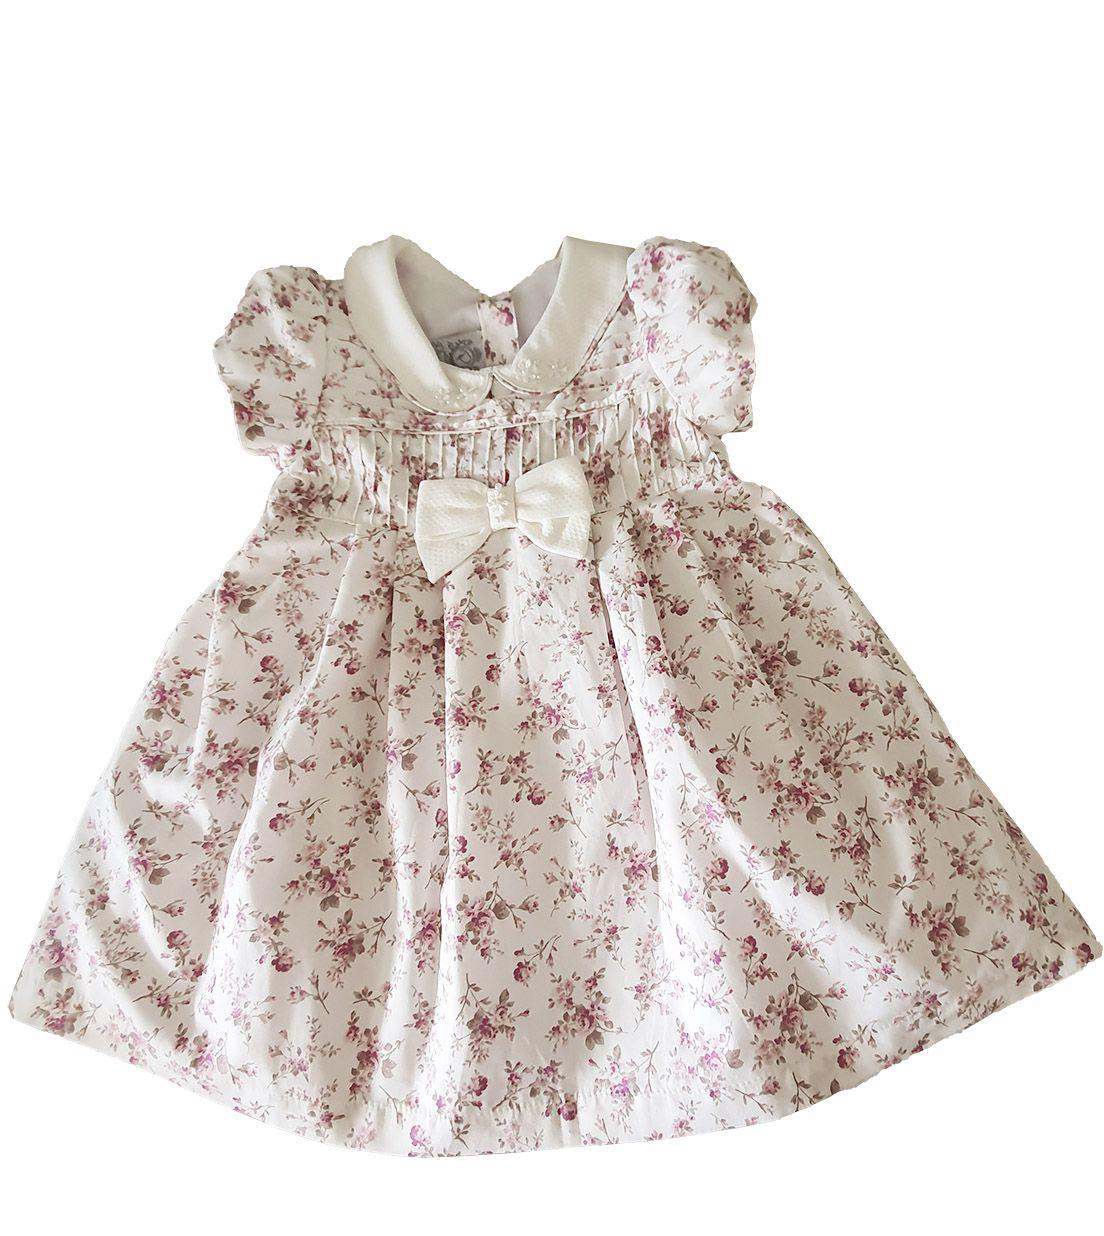 Vestido Festa Bebê em Tricoline  Póssum  floral Miudo Off White Rosa